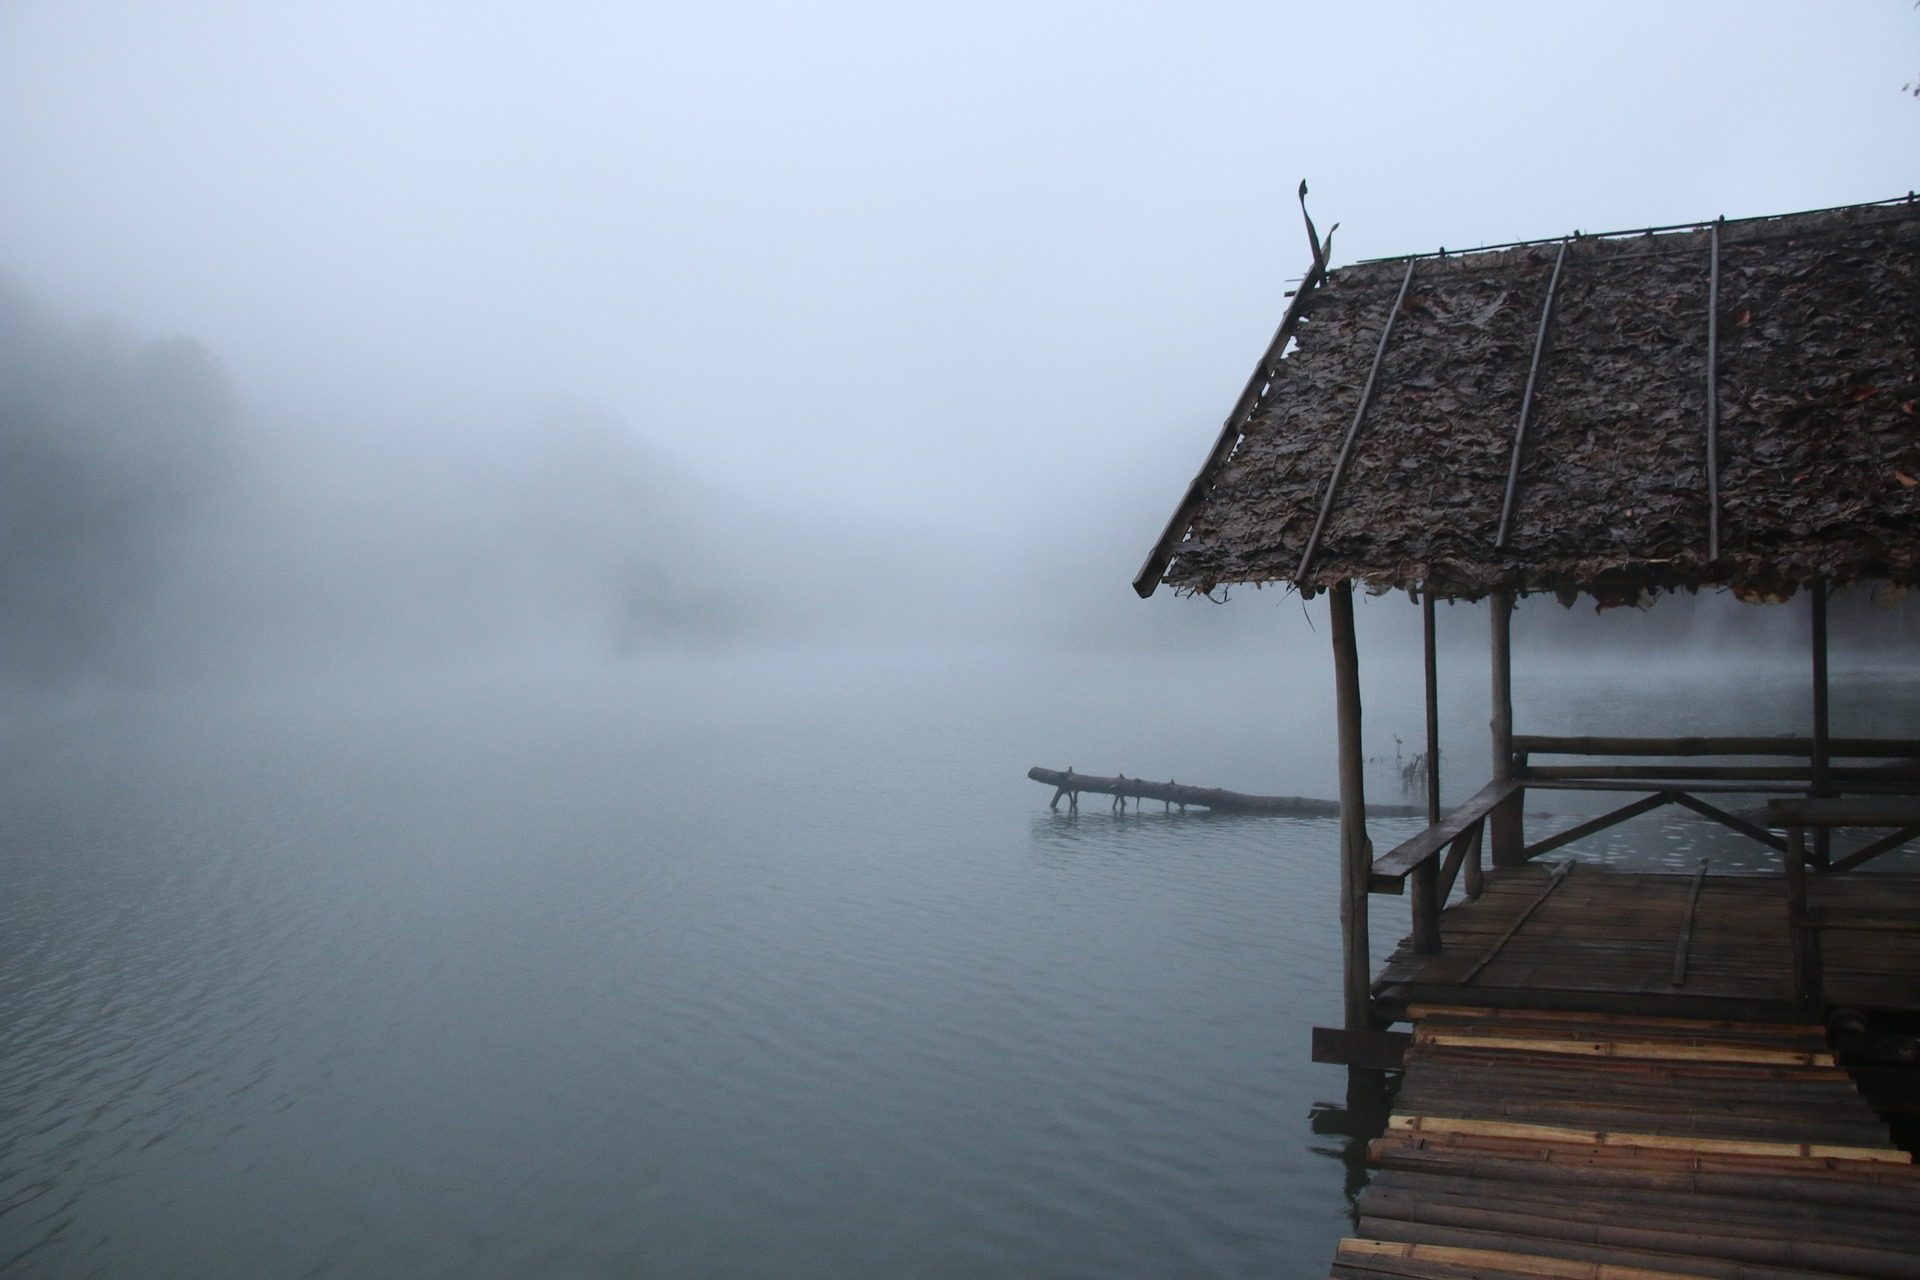 Καμπάνα, καλύβα, Embarcadero, Λίμνη, ομίχλη - Wallpapers HD - Professor-falken.com